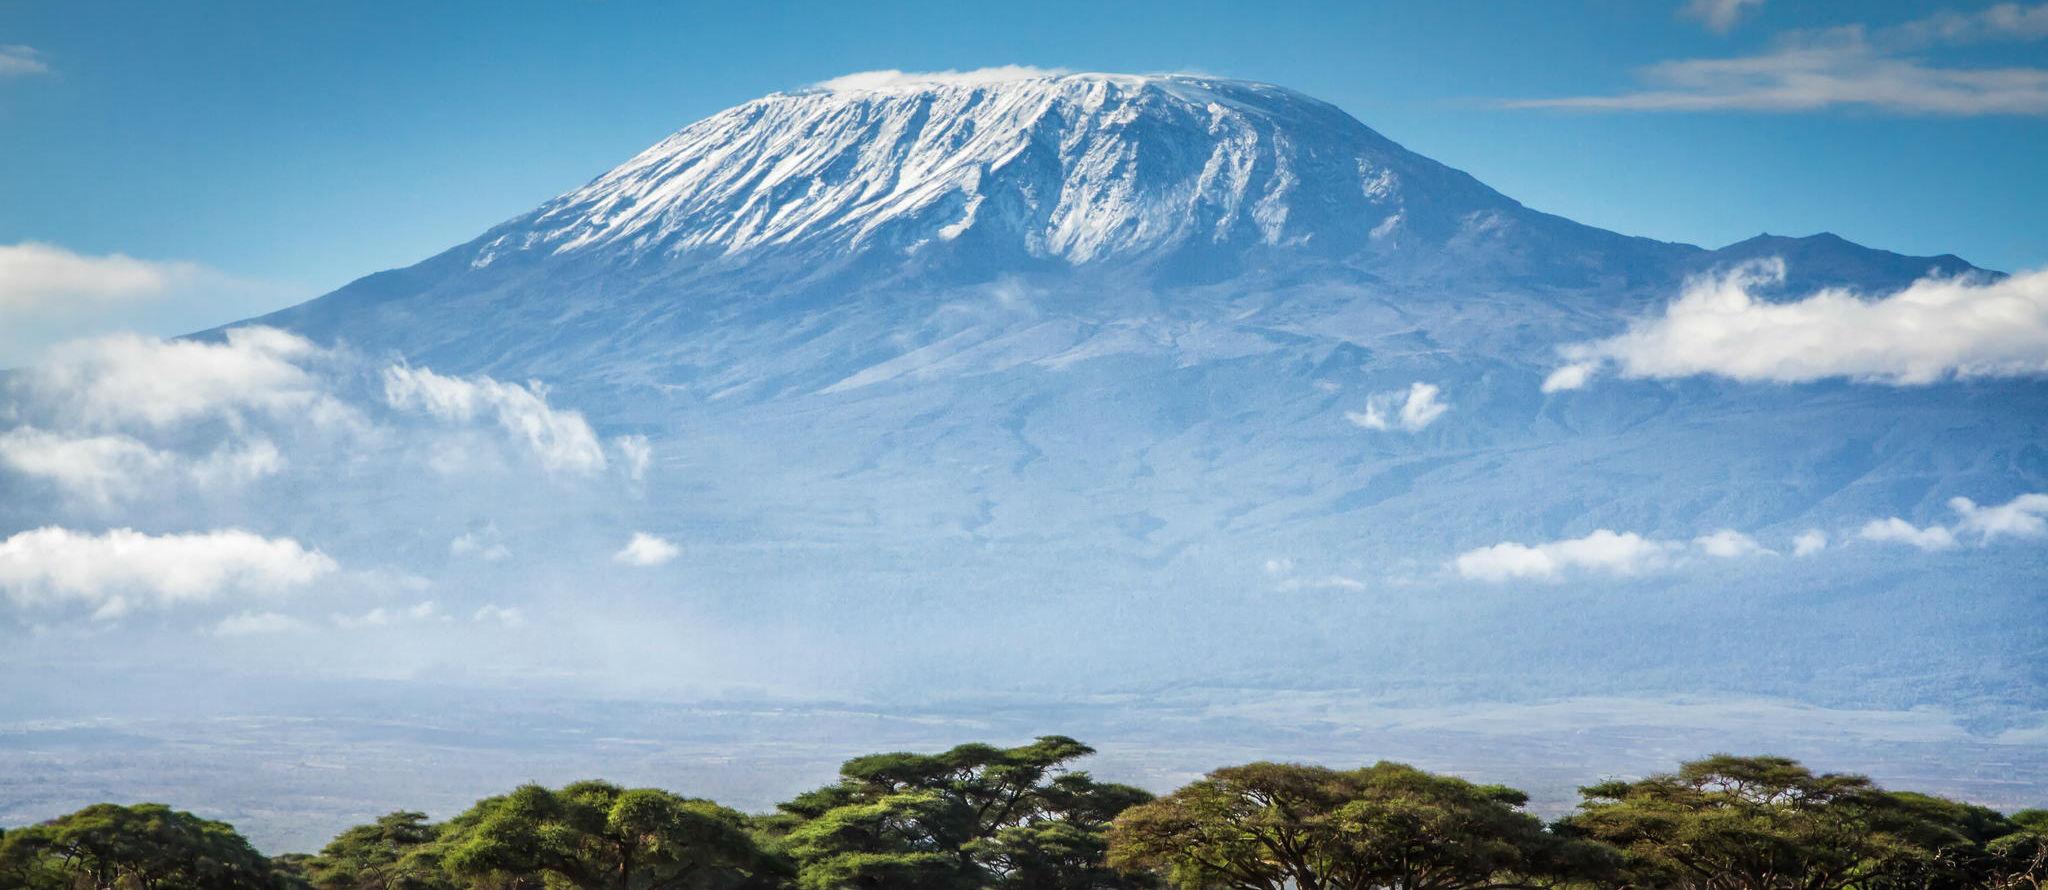 MISSION TO MOUNT KILIMANJARO - Mount Kilimanjaro, as seen from Tanzania, c. 2016.